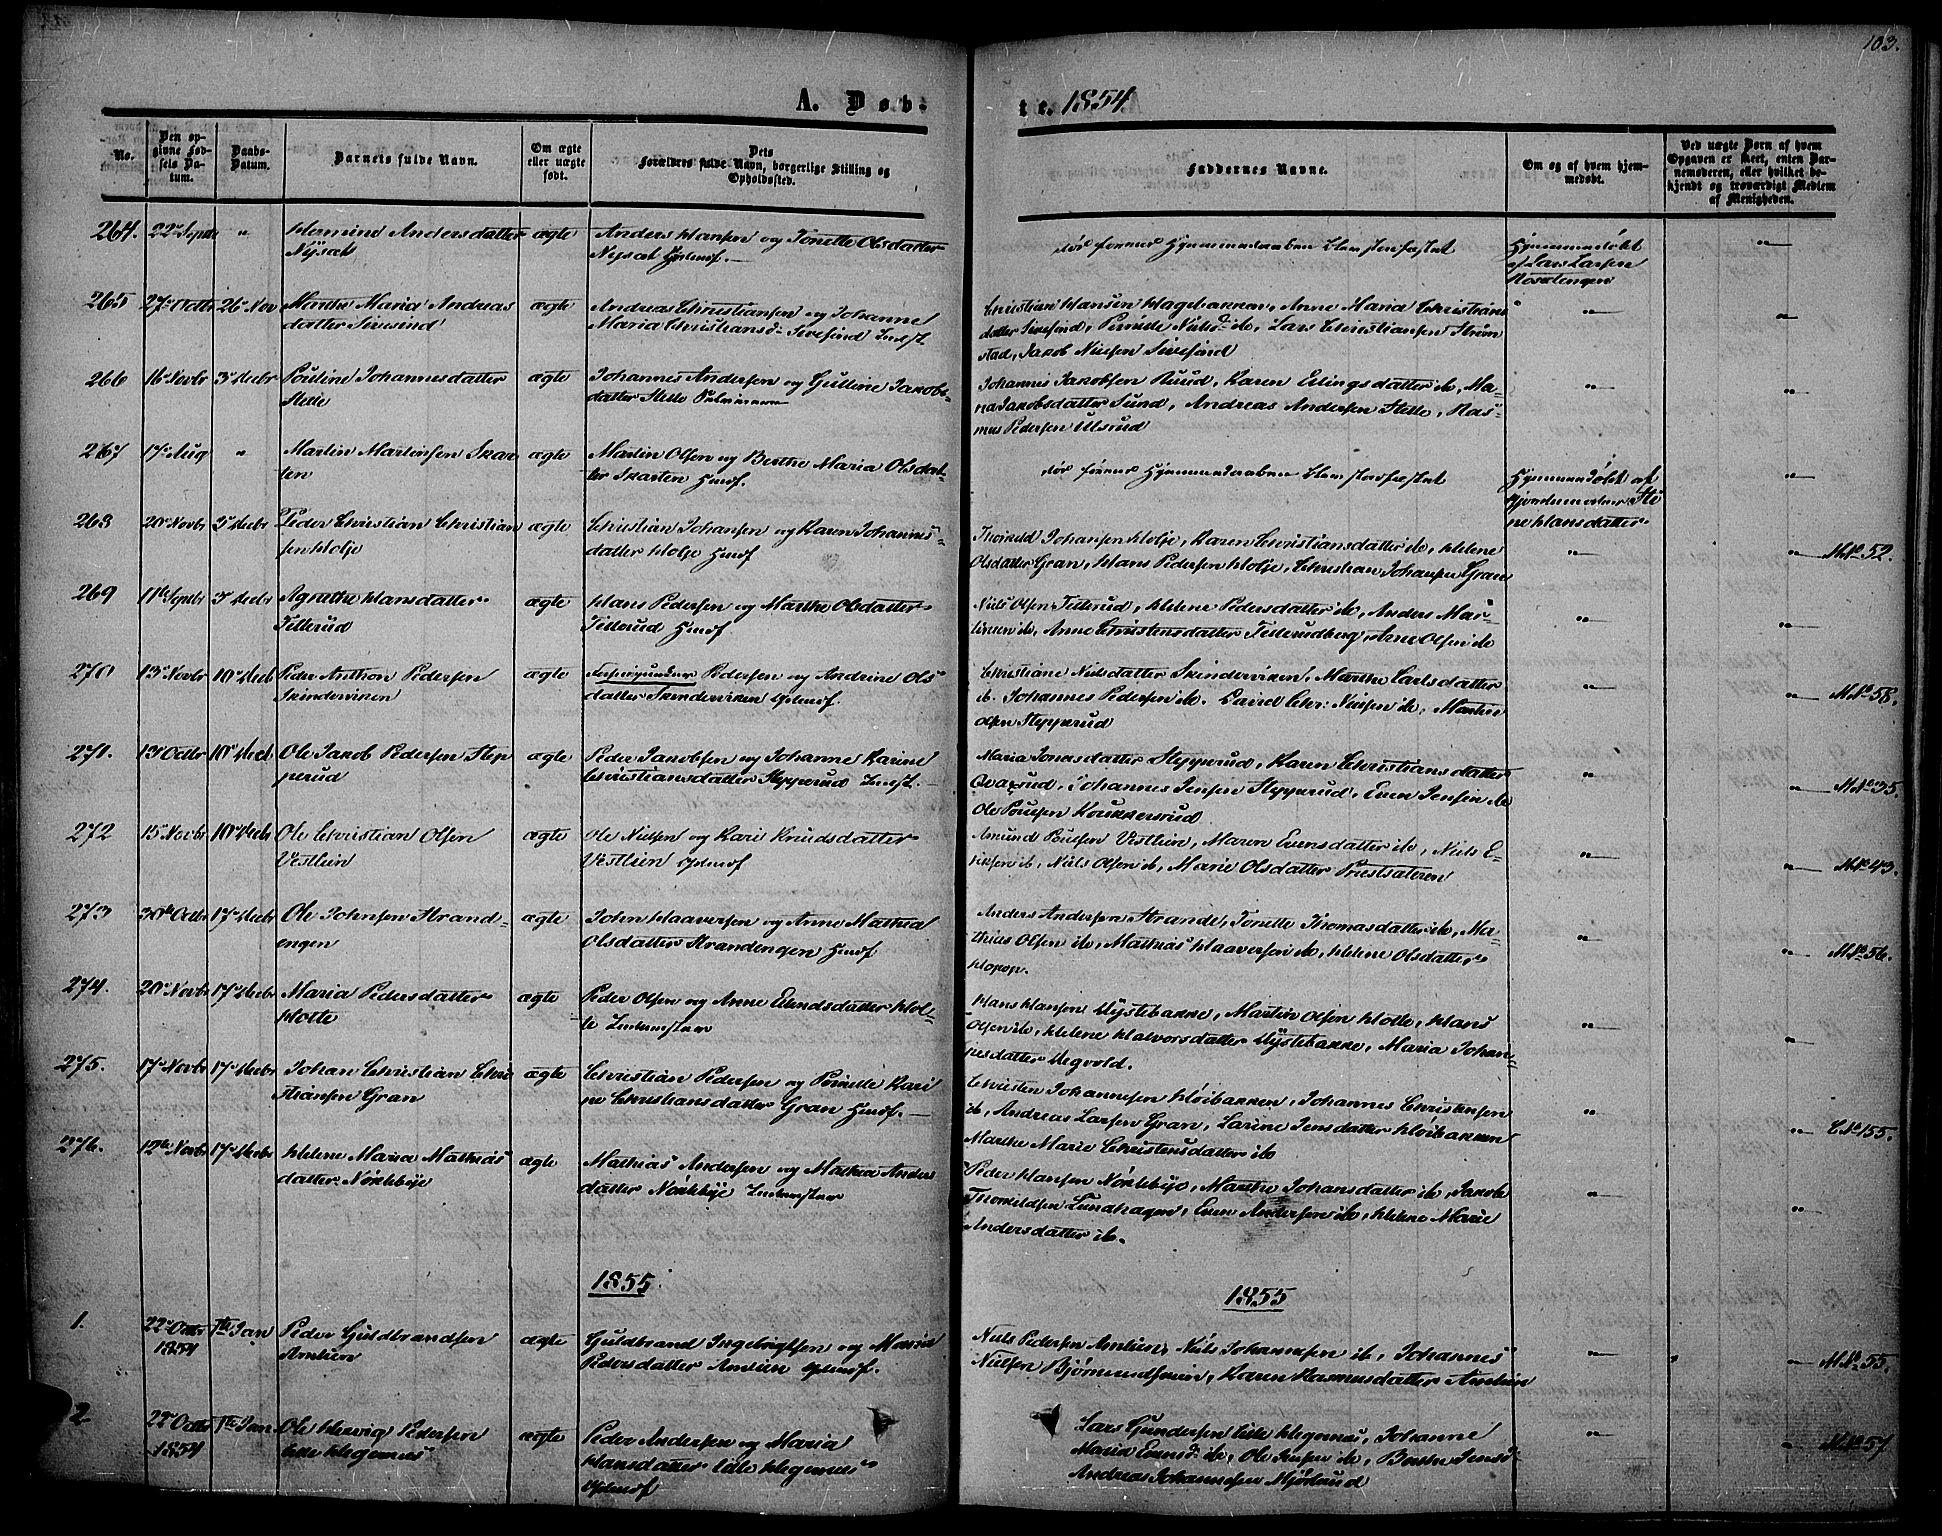 SAH, Vestre Toten prestekontor, Ministerialbok nr. 5, 1850-1855, s. 103